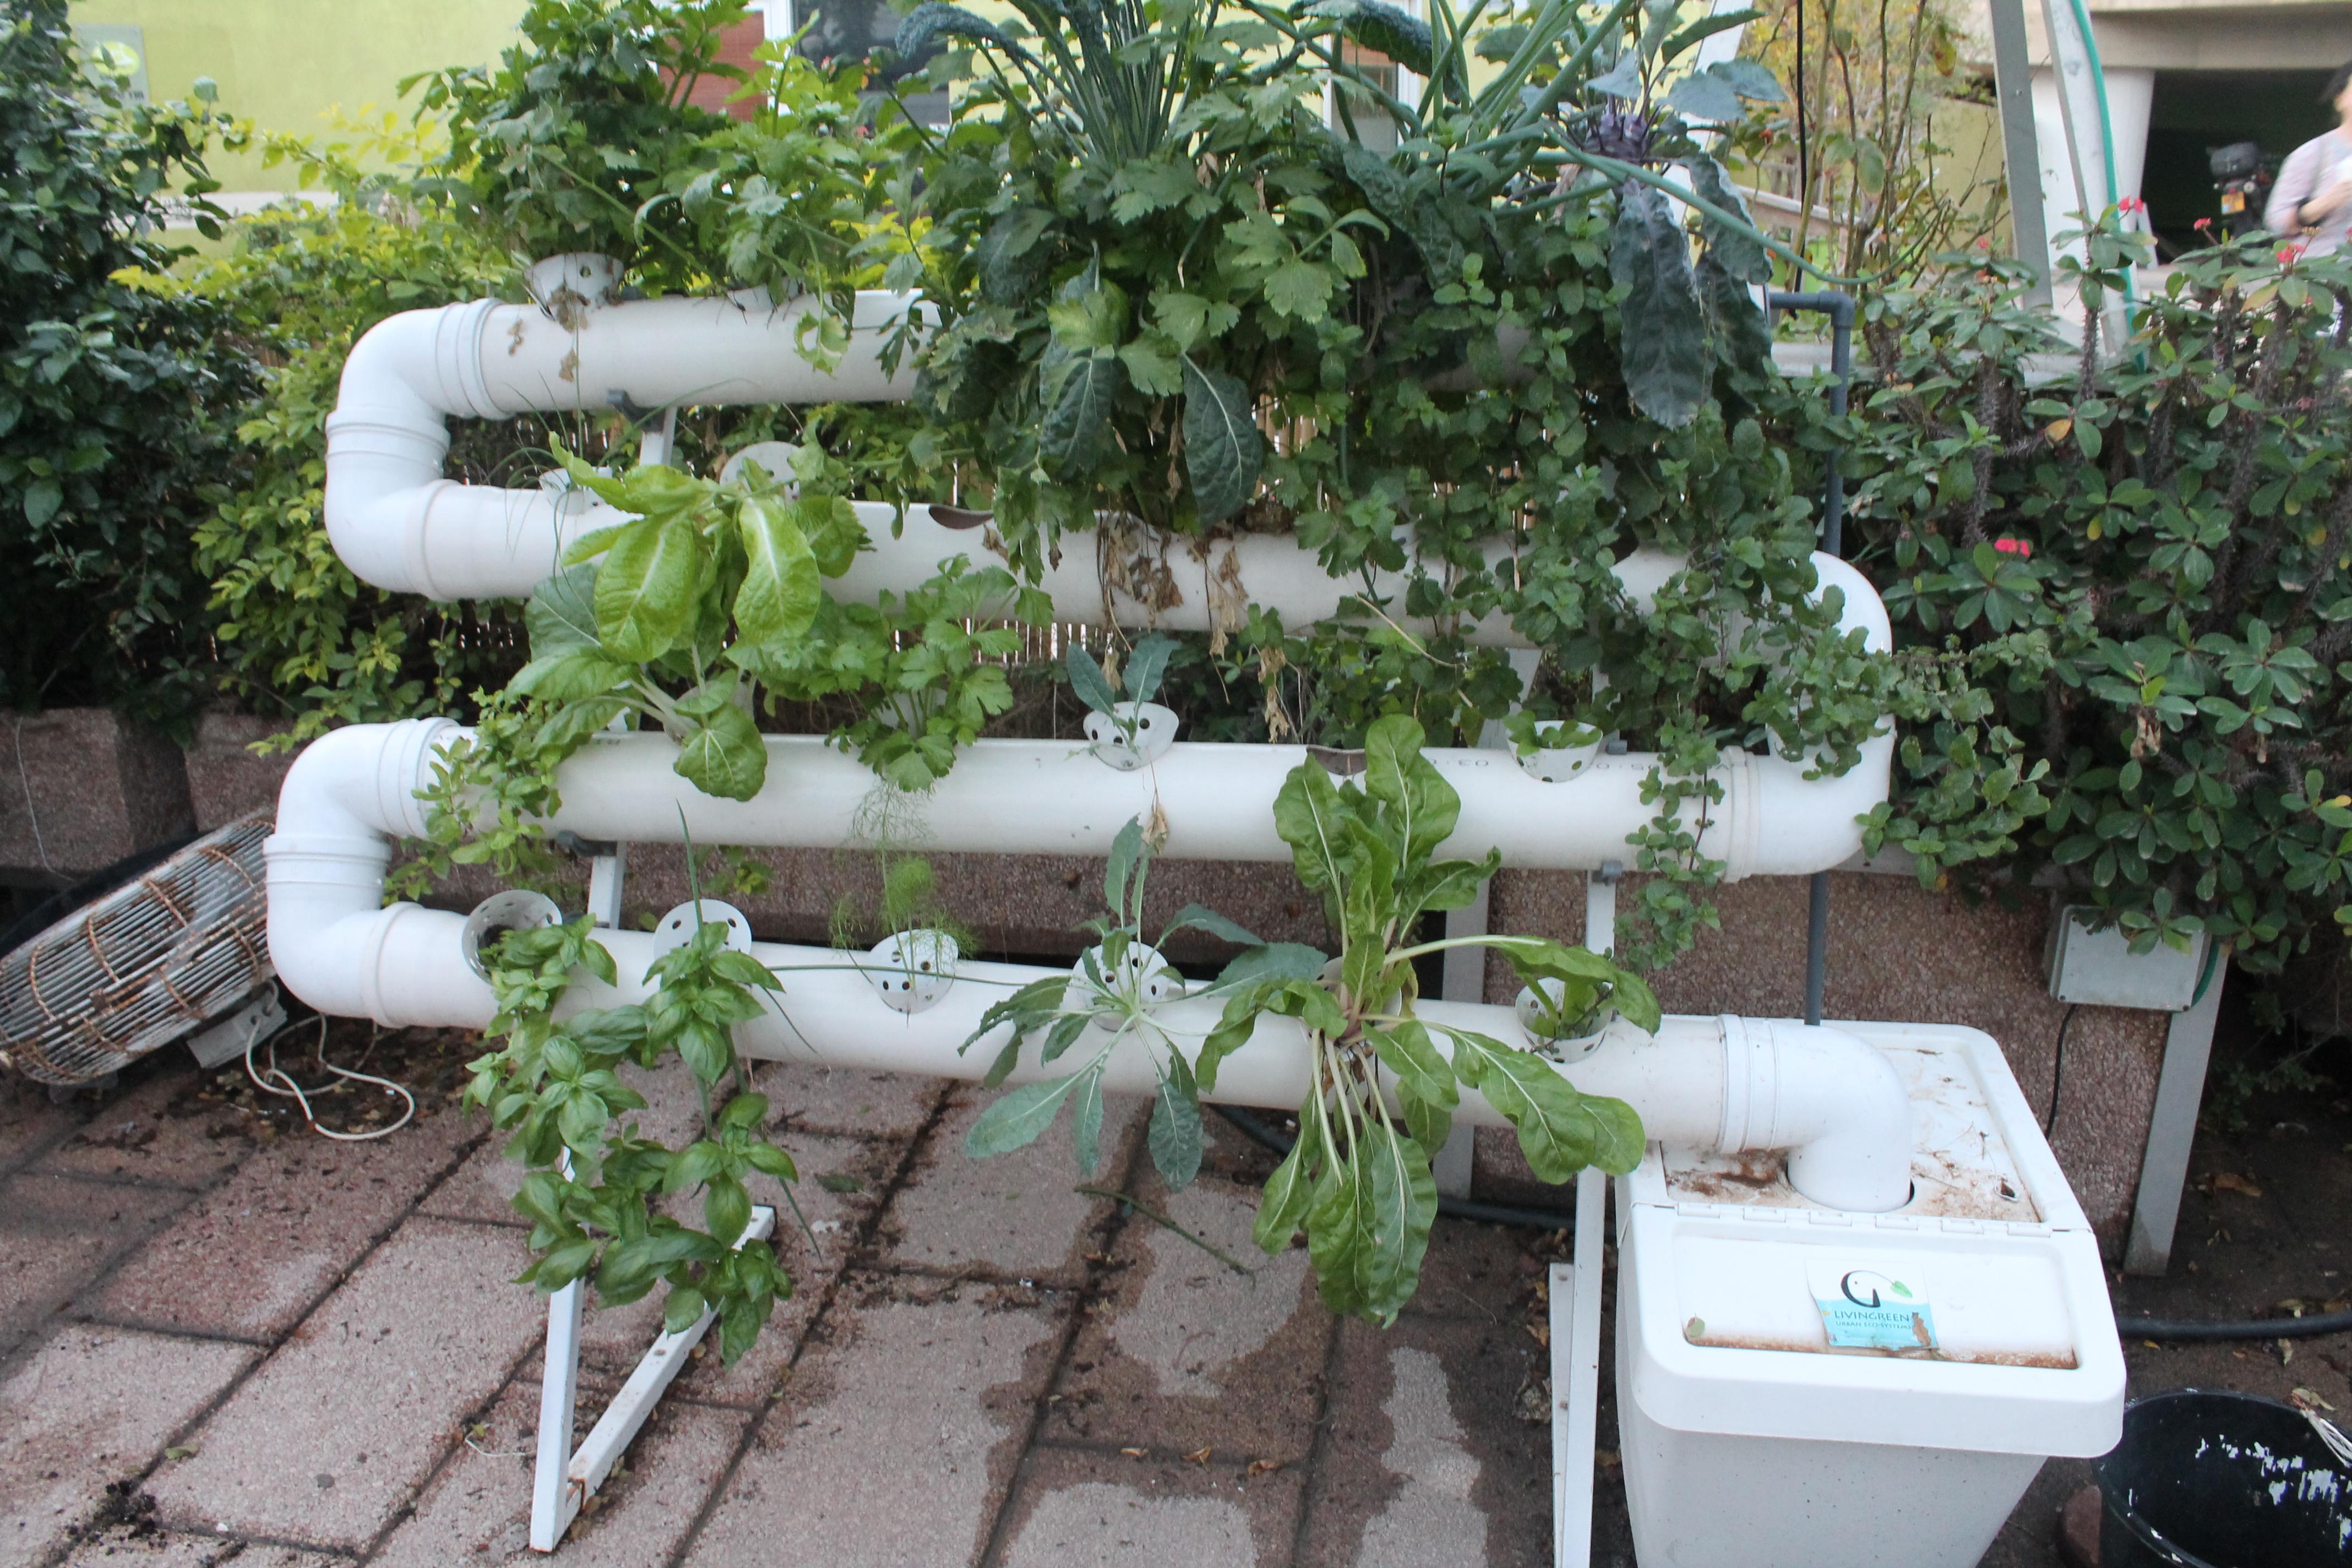 Urban agriculture visit